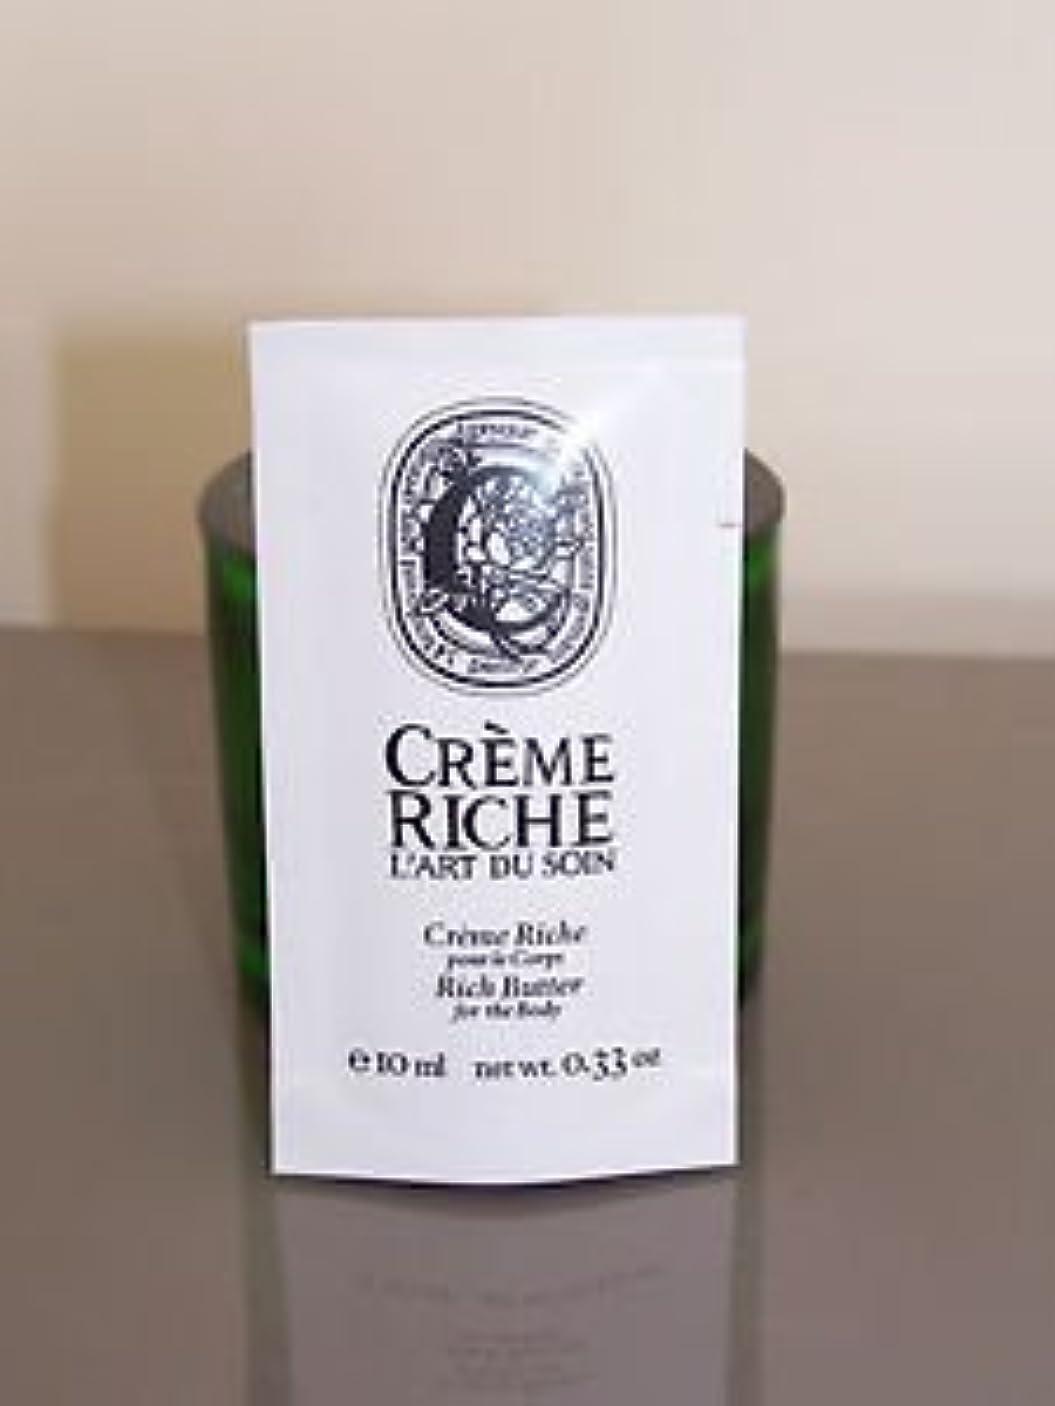 パール敬意を表してからDiptyque Creme Riche (ディプティック クレーム リッチ) 0.33 oz (10ml) ボディーバター (ボディークリーム) サンプル for Women